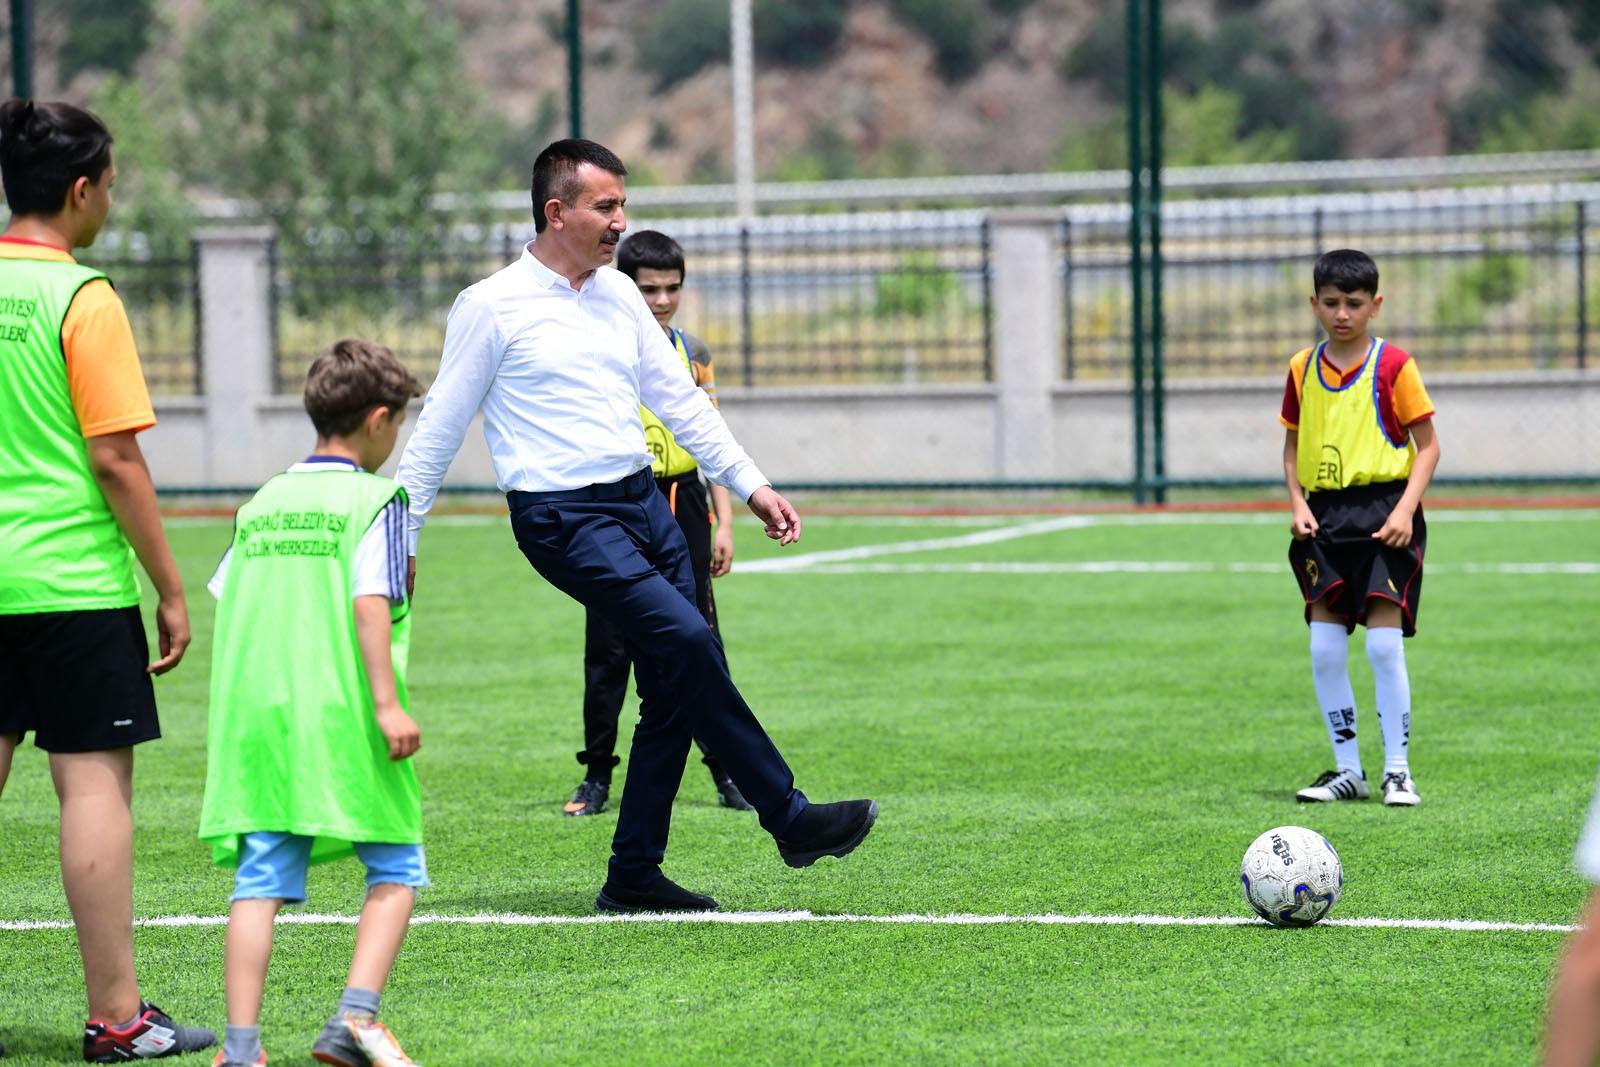 Altındağ'da spor dolu yaz tatili başladı